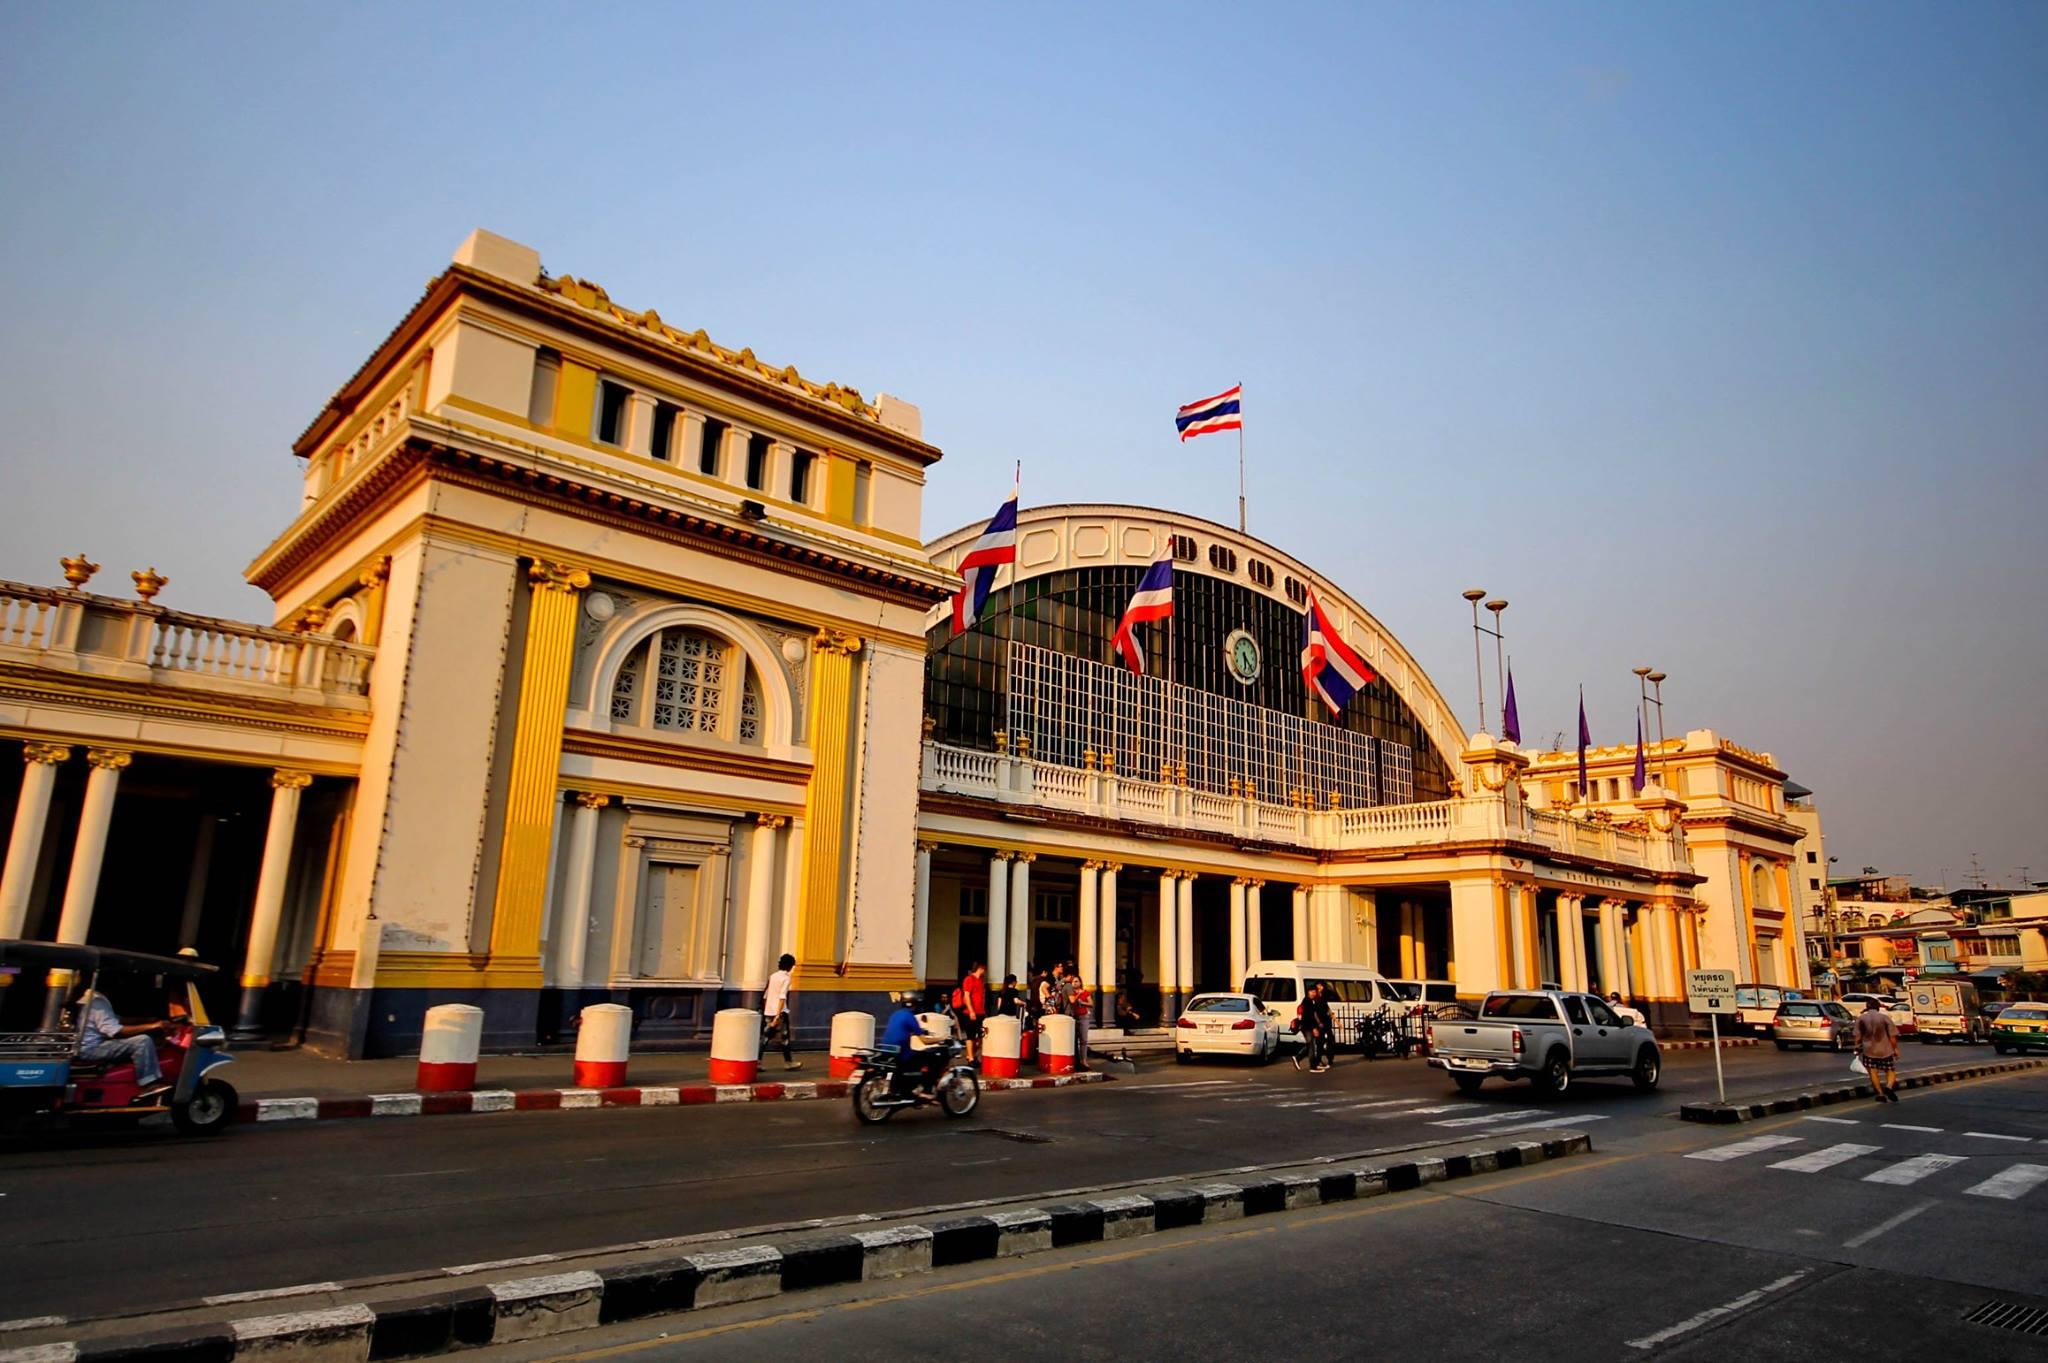 ที่เที่ยวกรุงเทพ รถไฟ รถไฟไทย สถานีกรุงเทพ สถานีรถไฟ สถานีรถไฟกรุงเทพ สถานีรถไฟหัวลำโพง สถานีหัวลำโพง หัวลำโพง เที่ยวกรุงเทพ